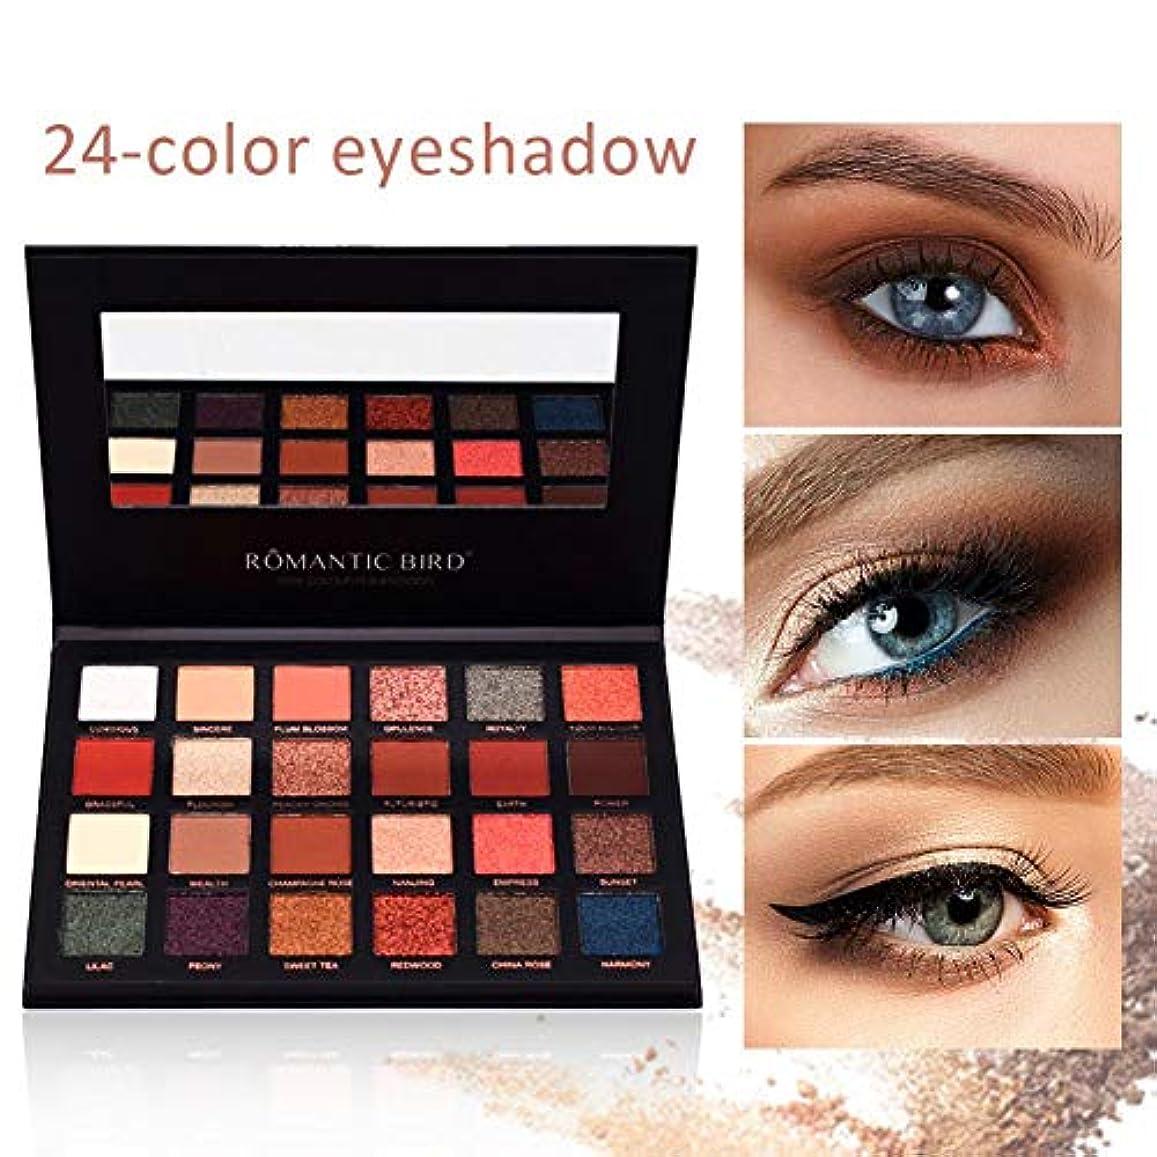 芸術信頼方法24色アイシャドウパレット アイシャドウベース Eyeshadow Palette マットアイシャドウ グリッター アイシャドウ防水化粧キット